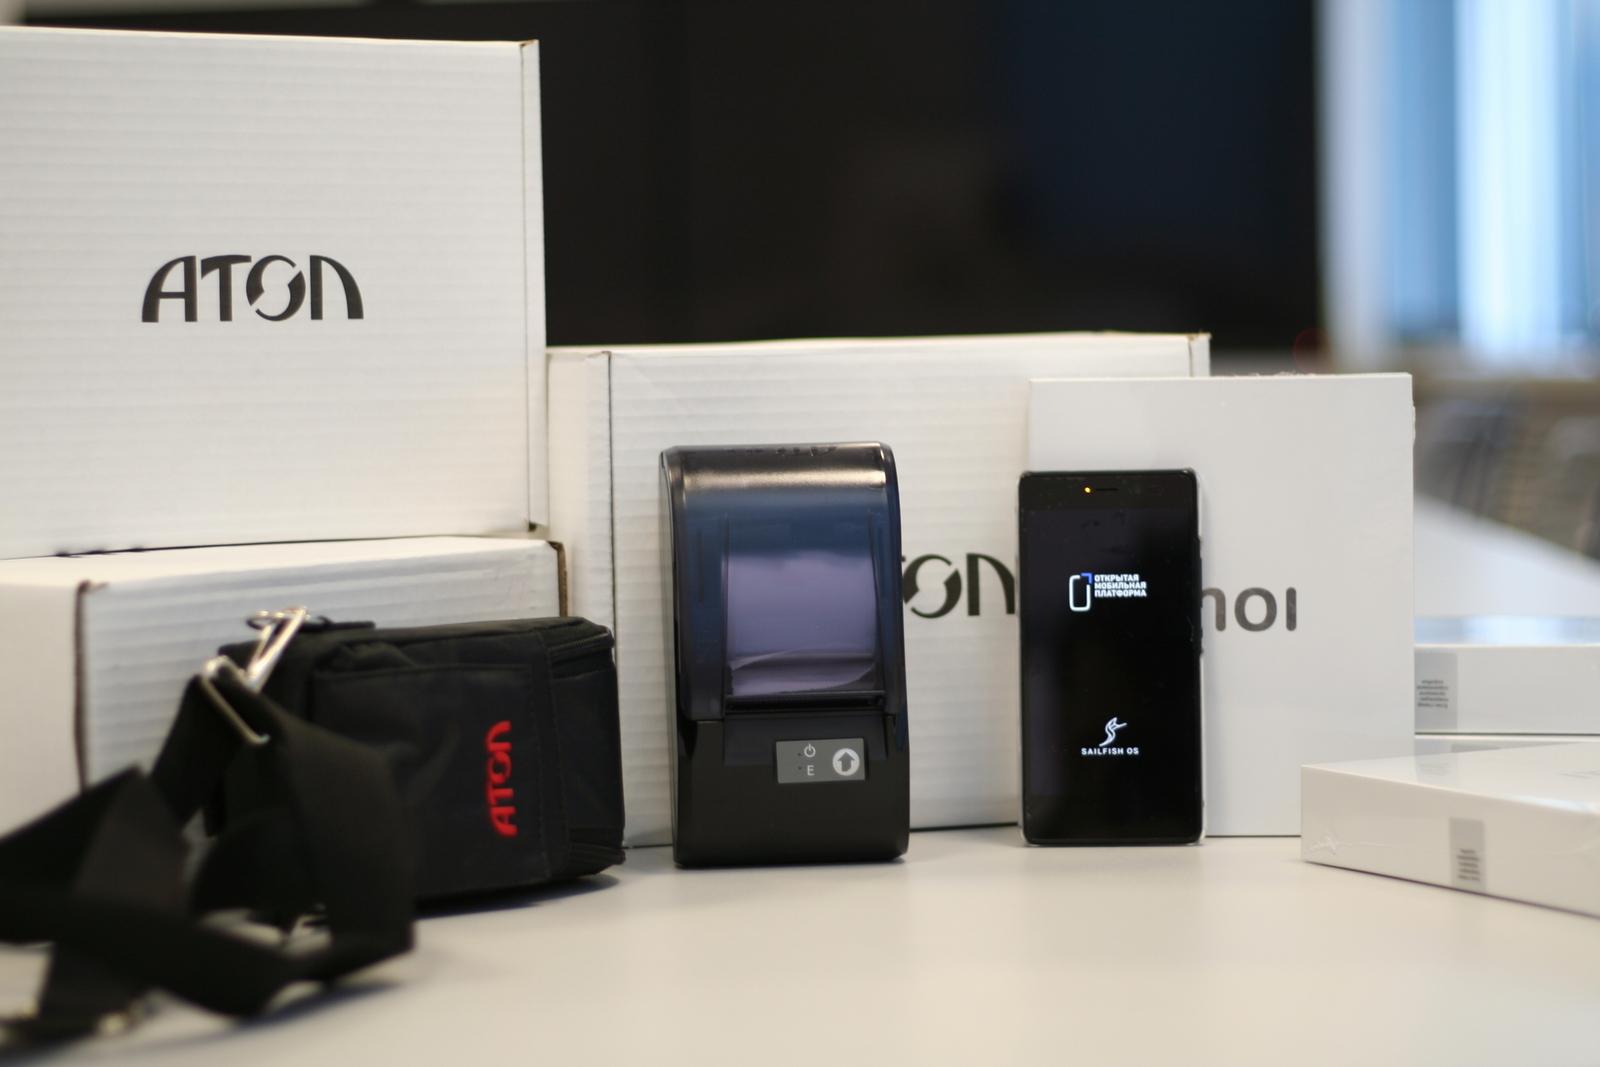 Еще 6000 почтальонов оснастили смартфонами для дистанционного оказания финансовых услуг